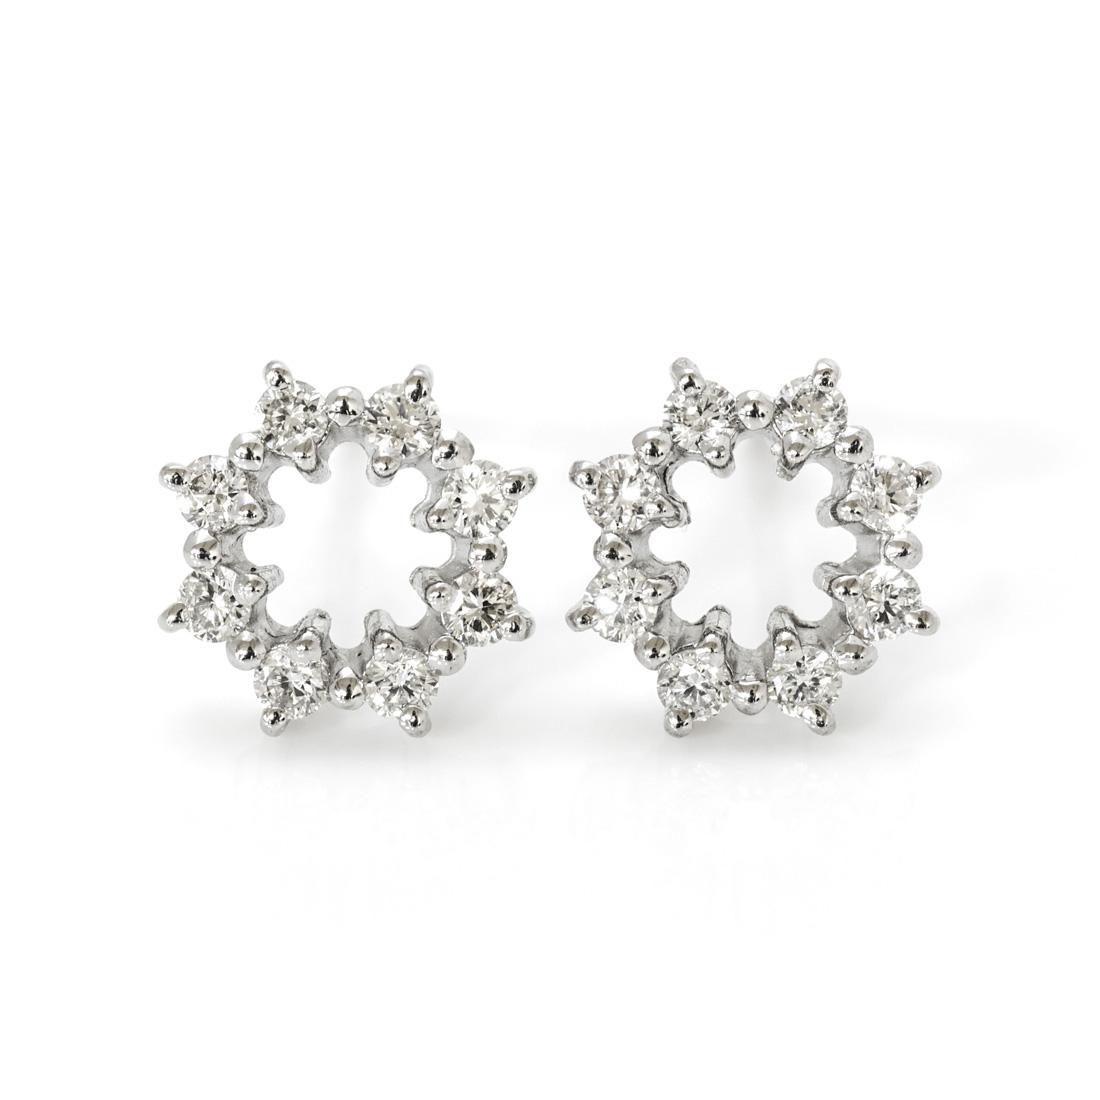 【GWクーポン配布中】スタッドピアス ダイヤモンド 0.22ct 「crystal」 プラチナ900 送料無料